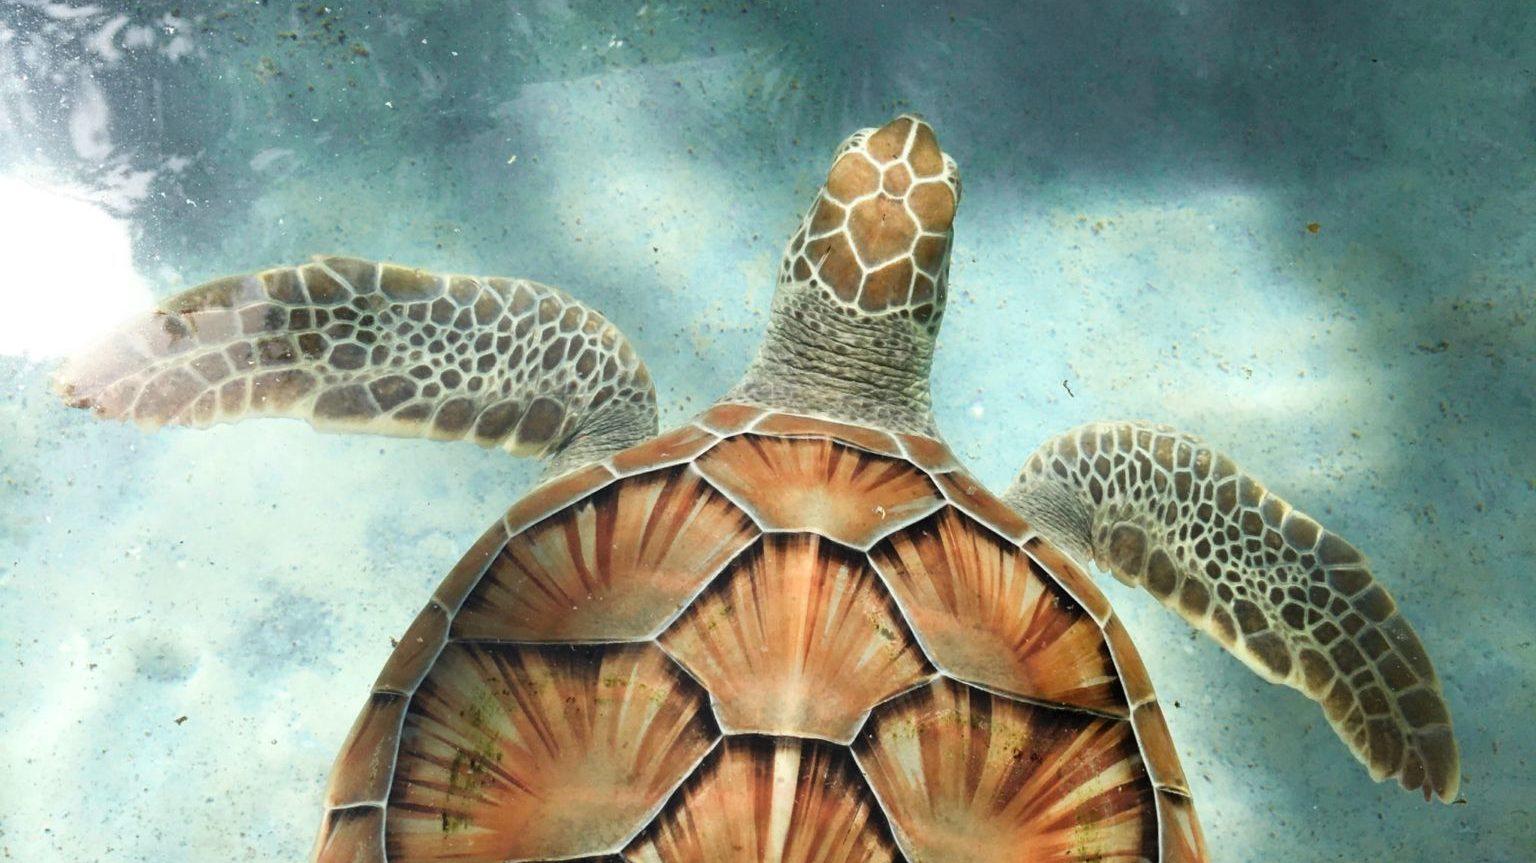 Visuel d'une tortue